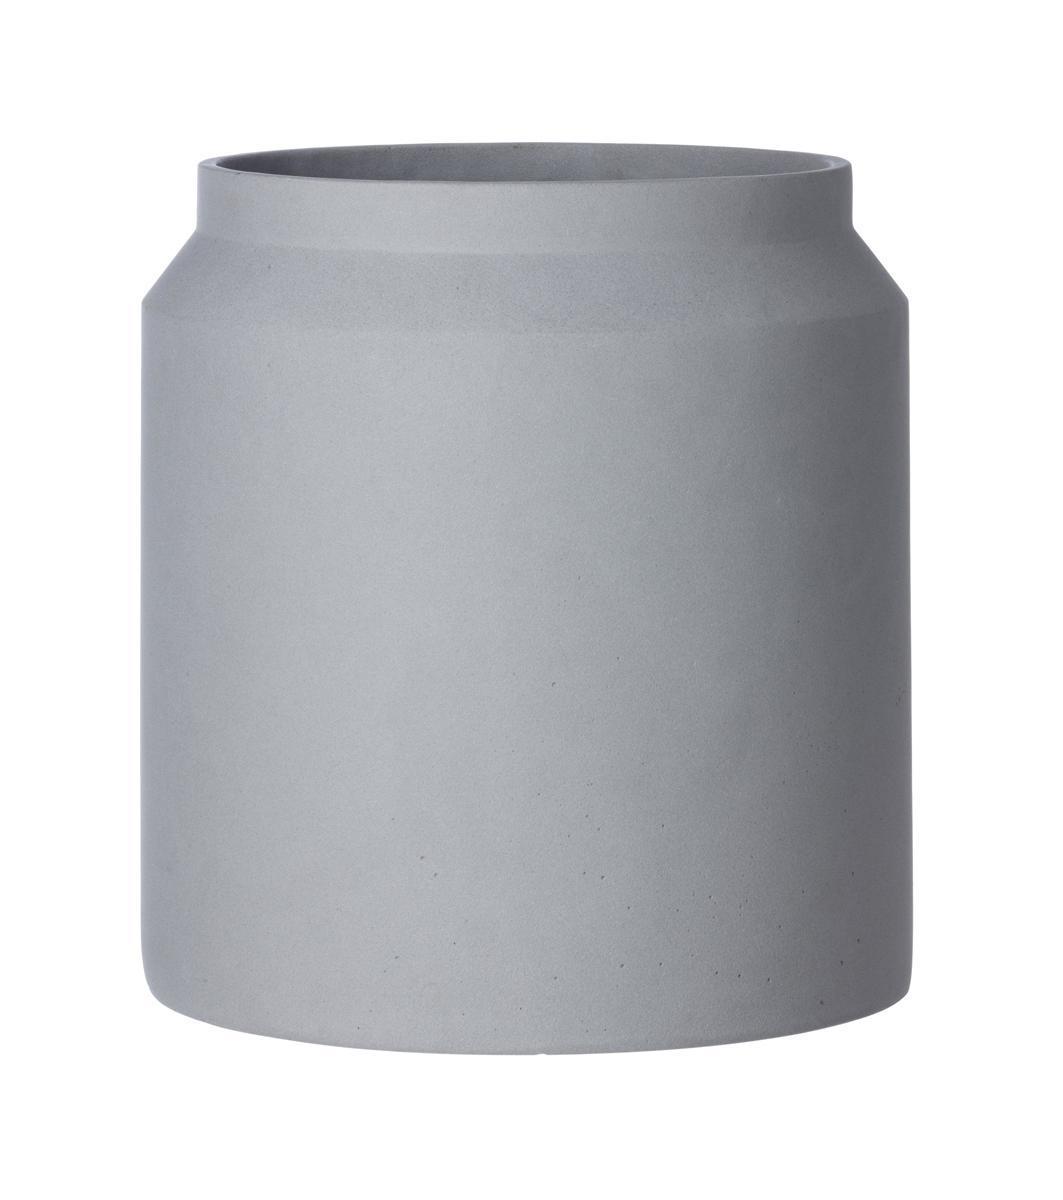 ferm LIVING Vysoký betonový květináč Light Grey Large 39 cm, šedá barva, beton